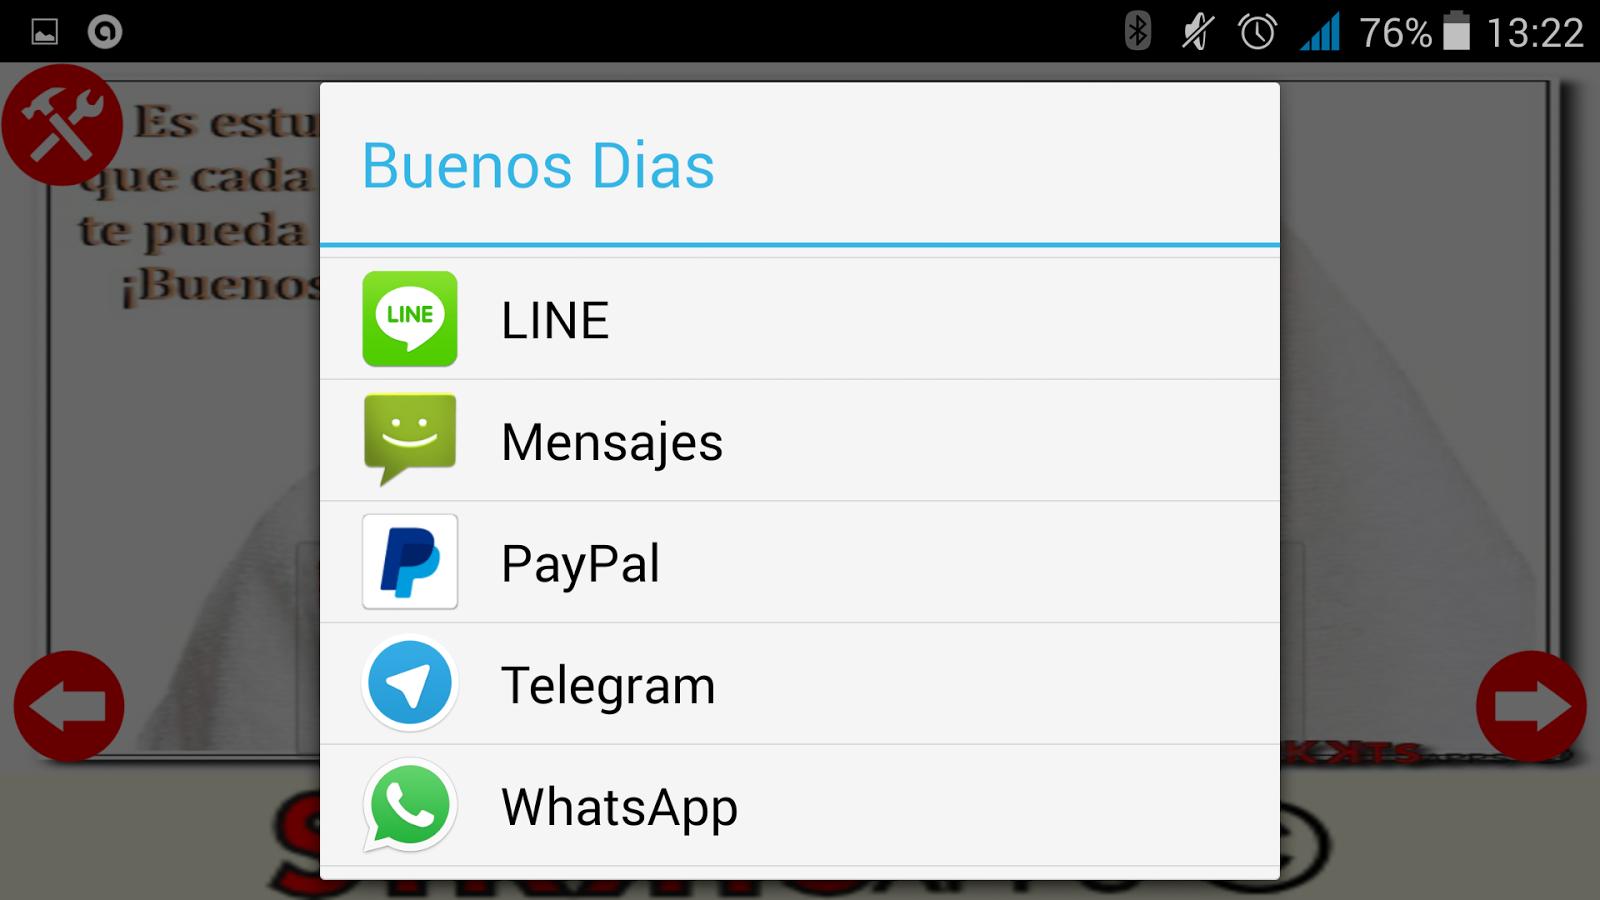 Imagenes Frases De Buenos Dias Google Play | apexwallpapers.com